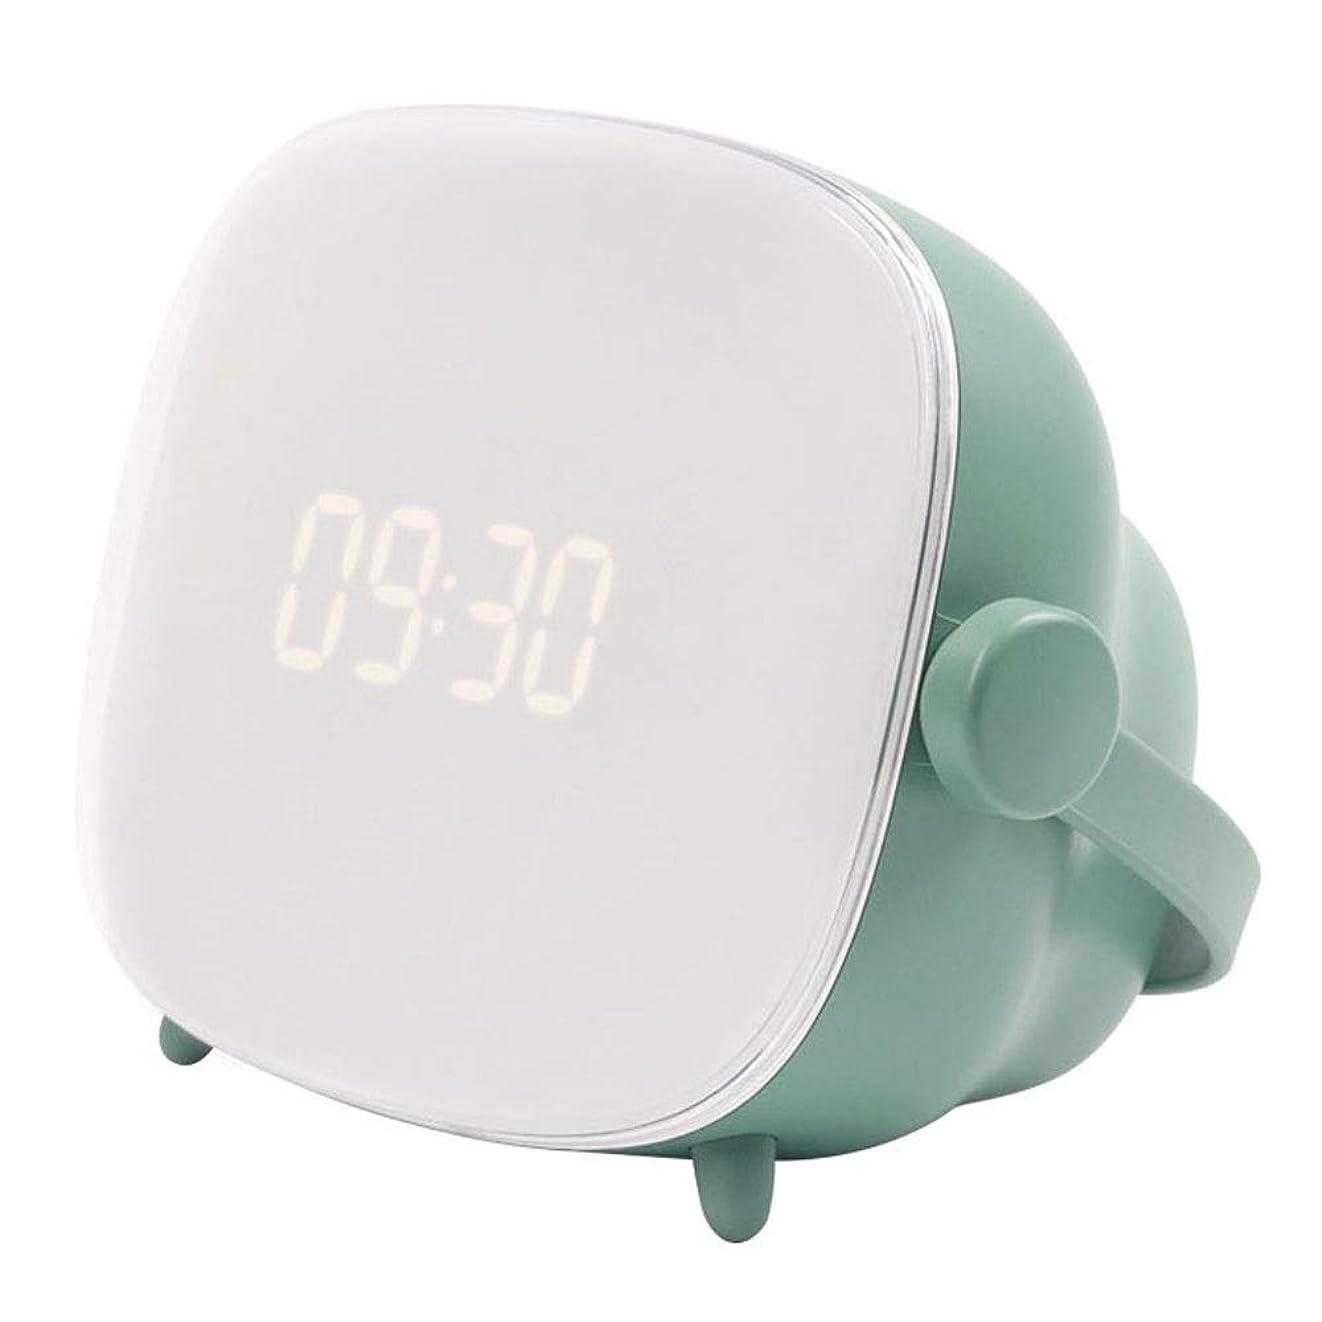 市民権メンタル便利創造的な目覚まし時計光学生電子目覚まし時計多機能ベッドサイドランプ充電式 (Color : Green)